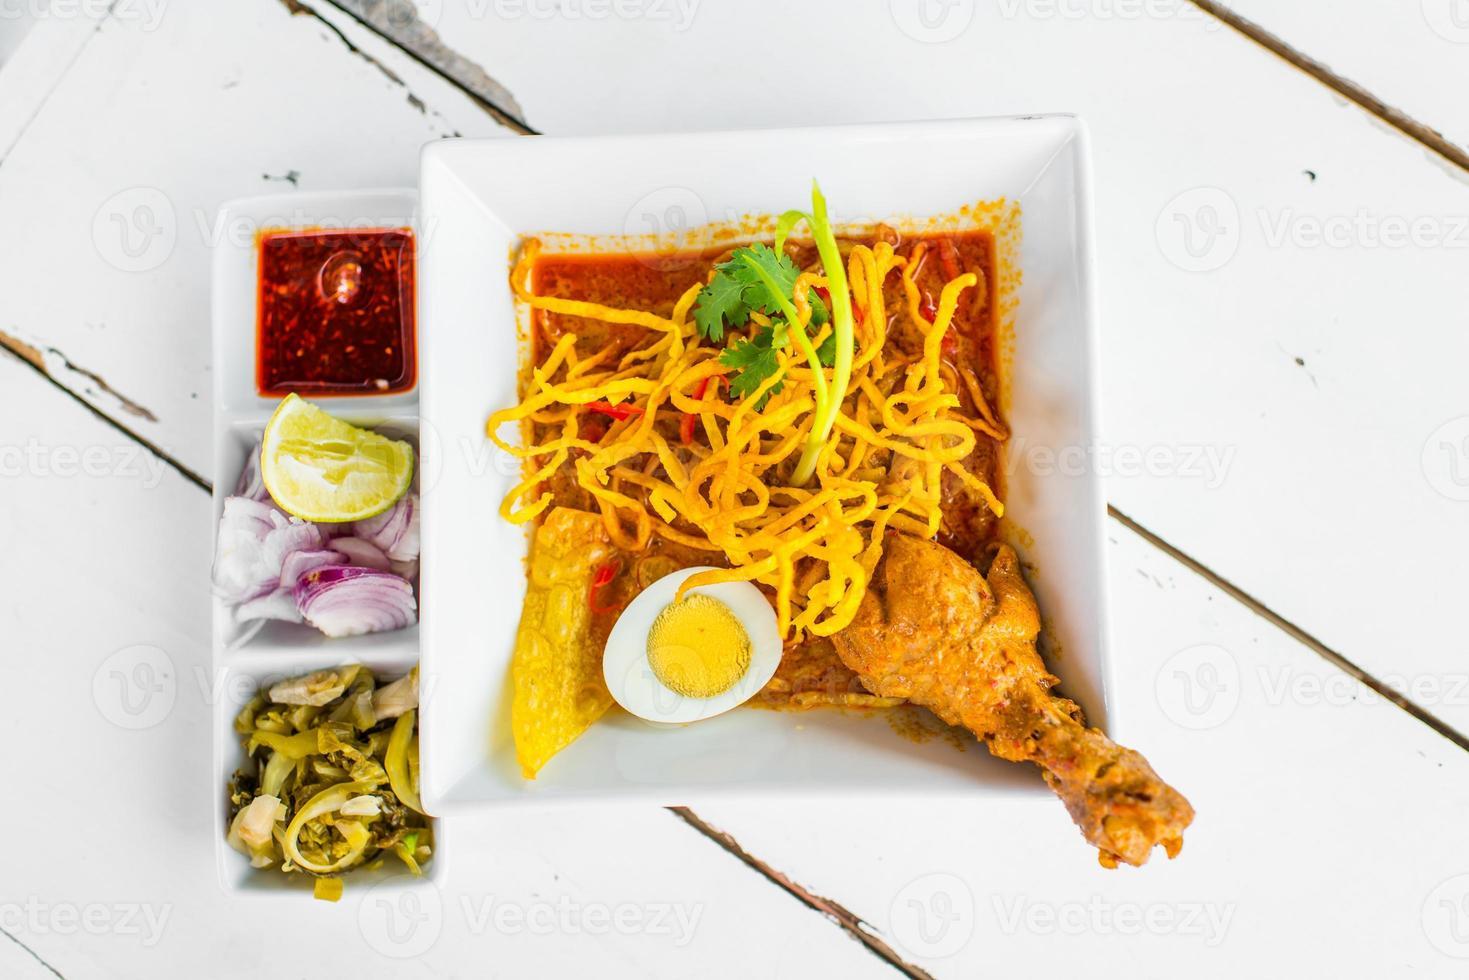 khao soi - cuisine thaïlandaise traditionnelle photo